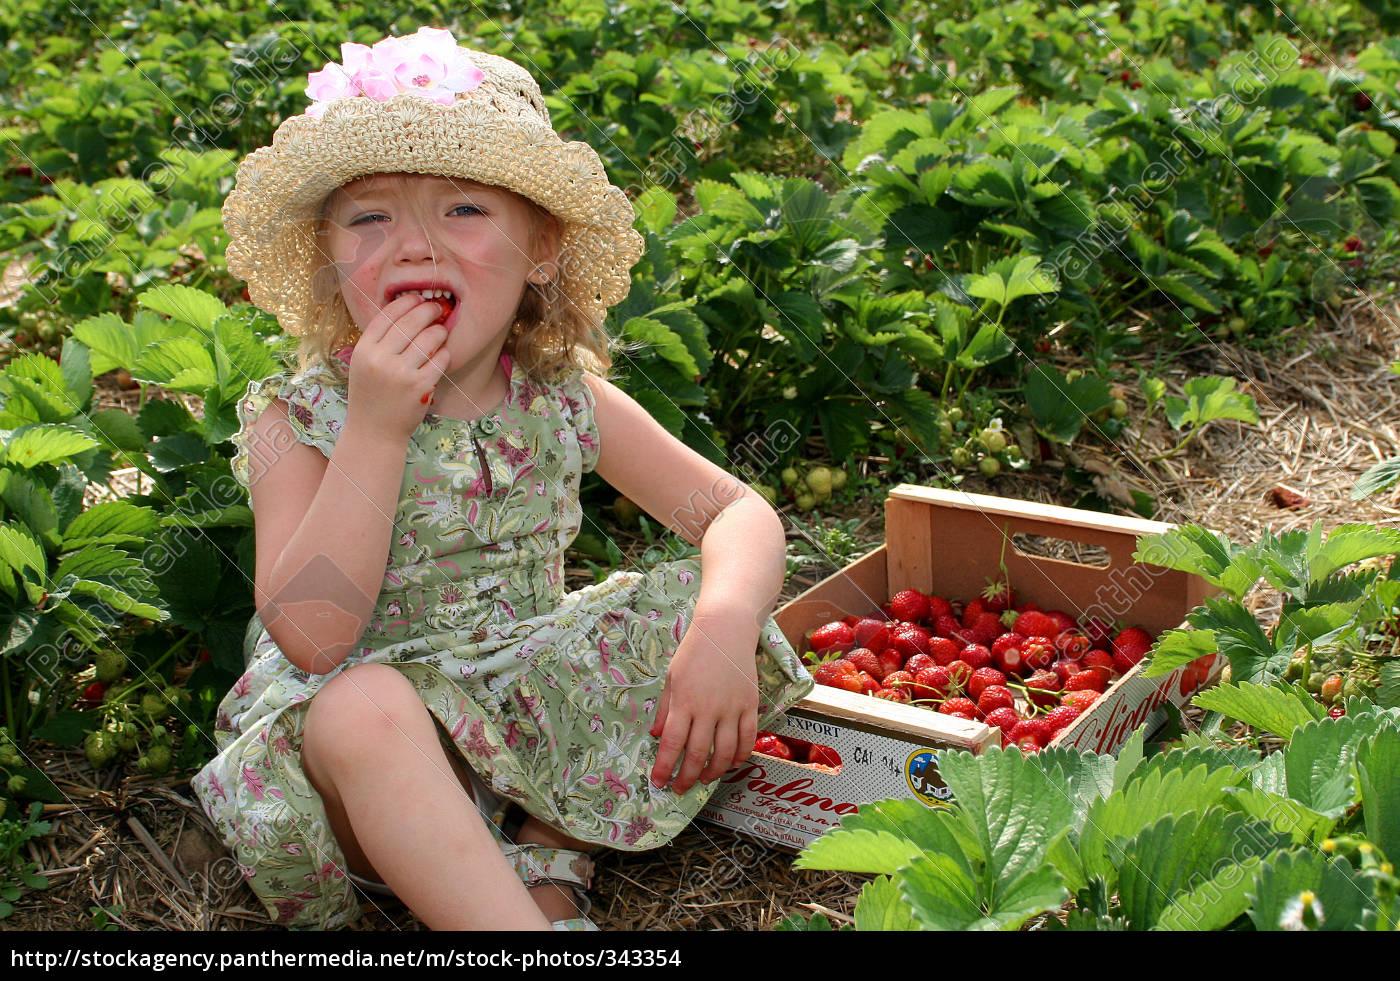 fresh, strawberries - 343354